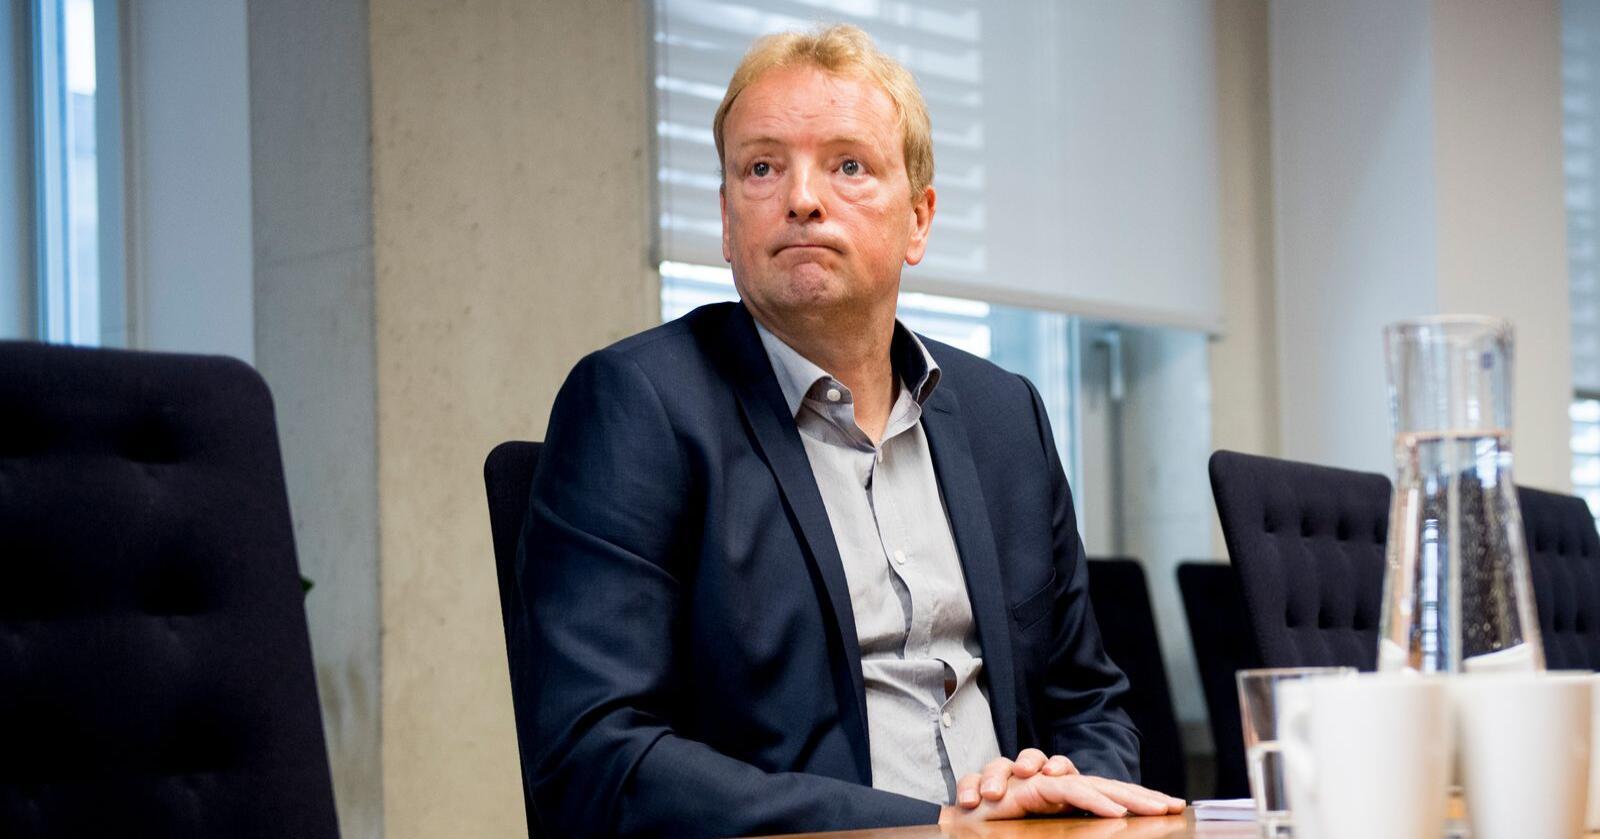 Fremskrittspartiets energipolitiske talsperson Terje Halleland savner en invitasjon til klimaforhandlinger med regjeringspartiene. Foto: Jon Olav Nesvold / NTB